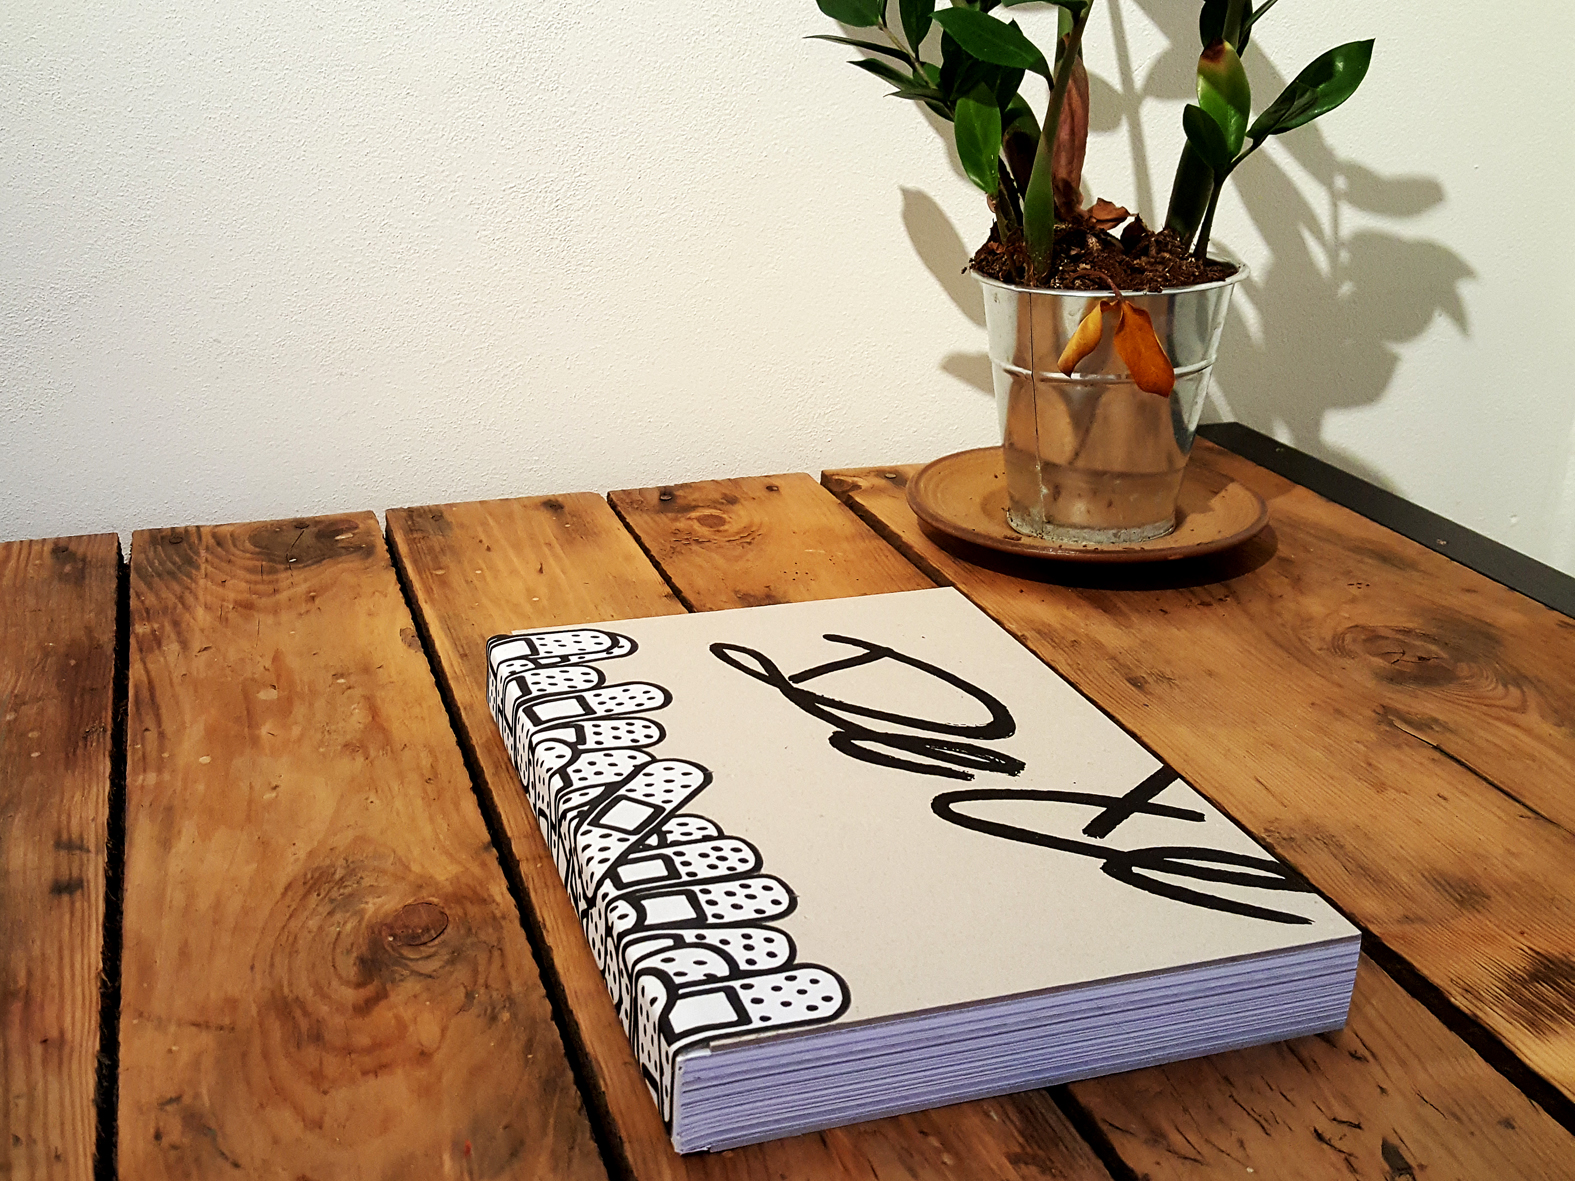 read more books :)